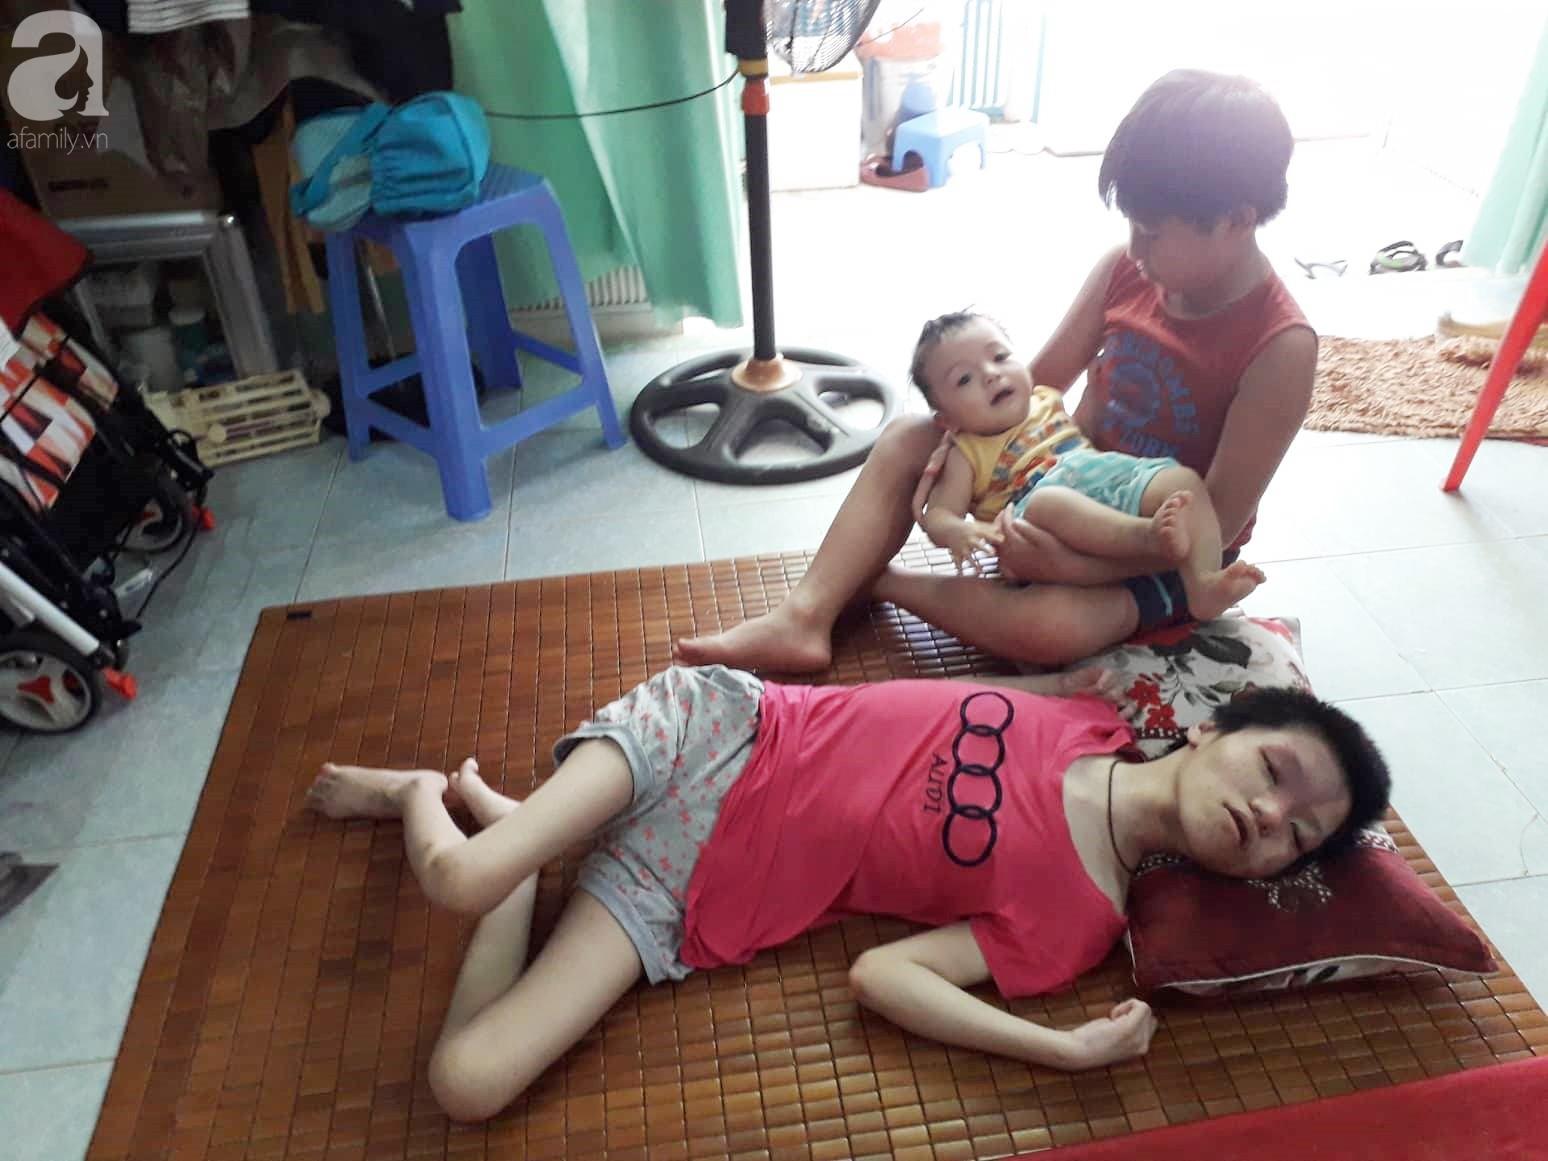 Đà Nẵng: Người mẹ nghèo nuôi 3 con thơ nheo nhóc, bất lực nhìn con gái 15 tuổi co giật vì bệnh u máu quái ác - Ảnh 1.